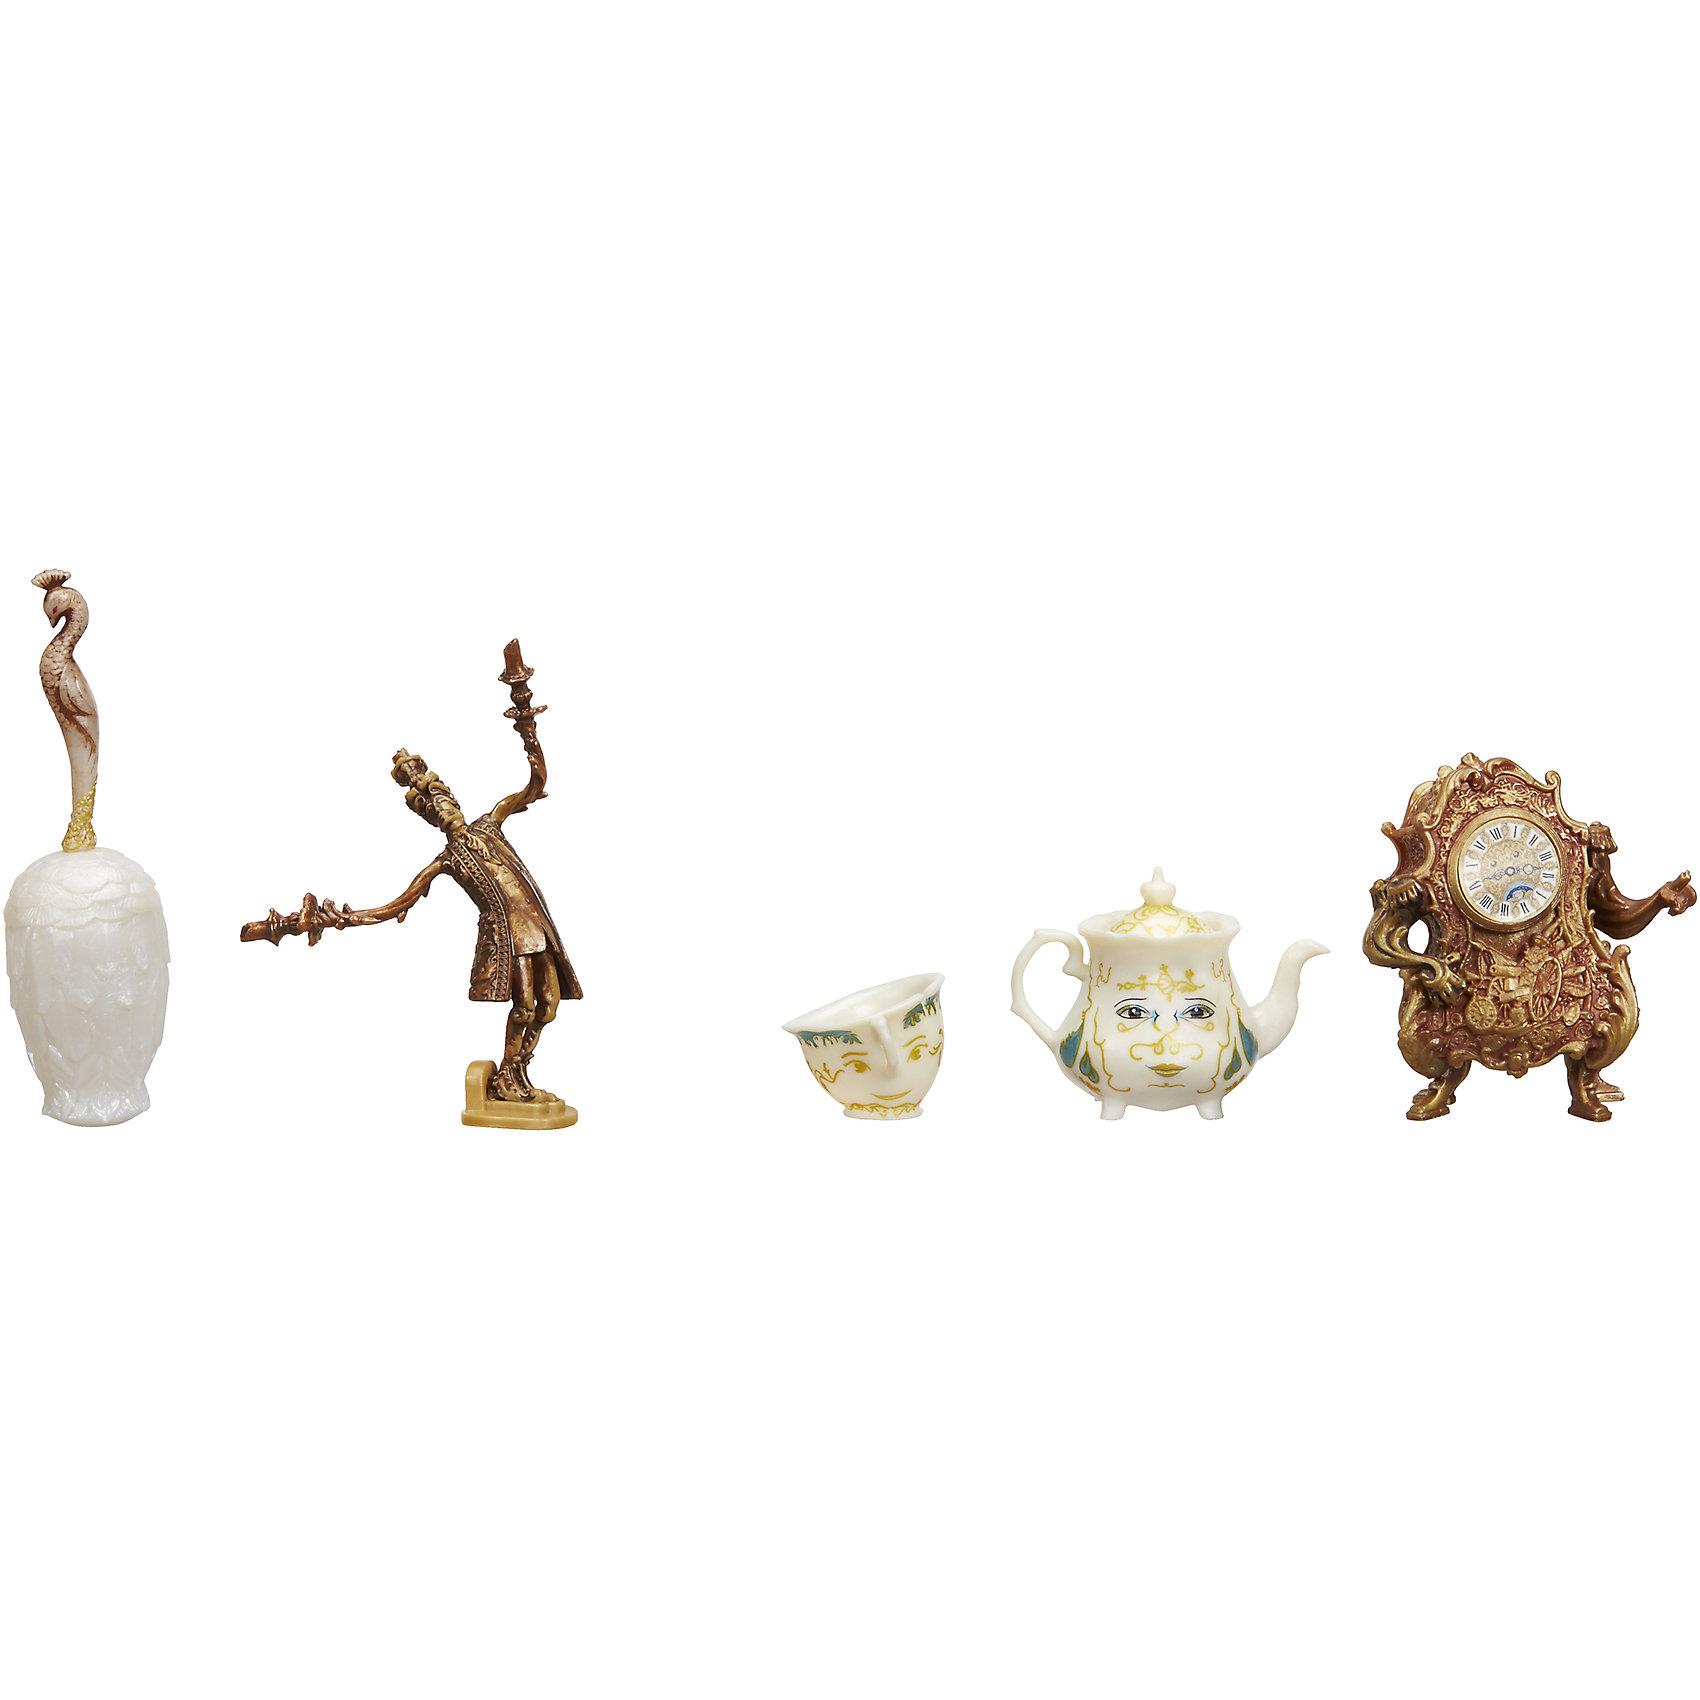 Набор маленьких кукол Красавица и чудовище, Принцессы ДиснейБелль - Красавица и Чудовище<br>Люди превратились в домашние предметы, эти заколдованные друзья помнят в Чудовище доброго и любящего мальчика, которым он когда-то был. Этот набор включает в себя Люмьер (конделябр), Когсворт (часы), Чип (чашка), Мадам Потт (чайник) и Плюмет. Проработка деталей и качество покраски очень высокого качества у все коллекционных фигурок.<br><br>Ширина мм: 254<br>Глубина мм: 203<br>Высота мм: 45<br>Вес г: 134<br>Возраст от месяцев: 36<br>Возраст до месяцев: 84<br>Пол: Женский<br>Возраст: Детский<br>SKU: 5225694